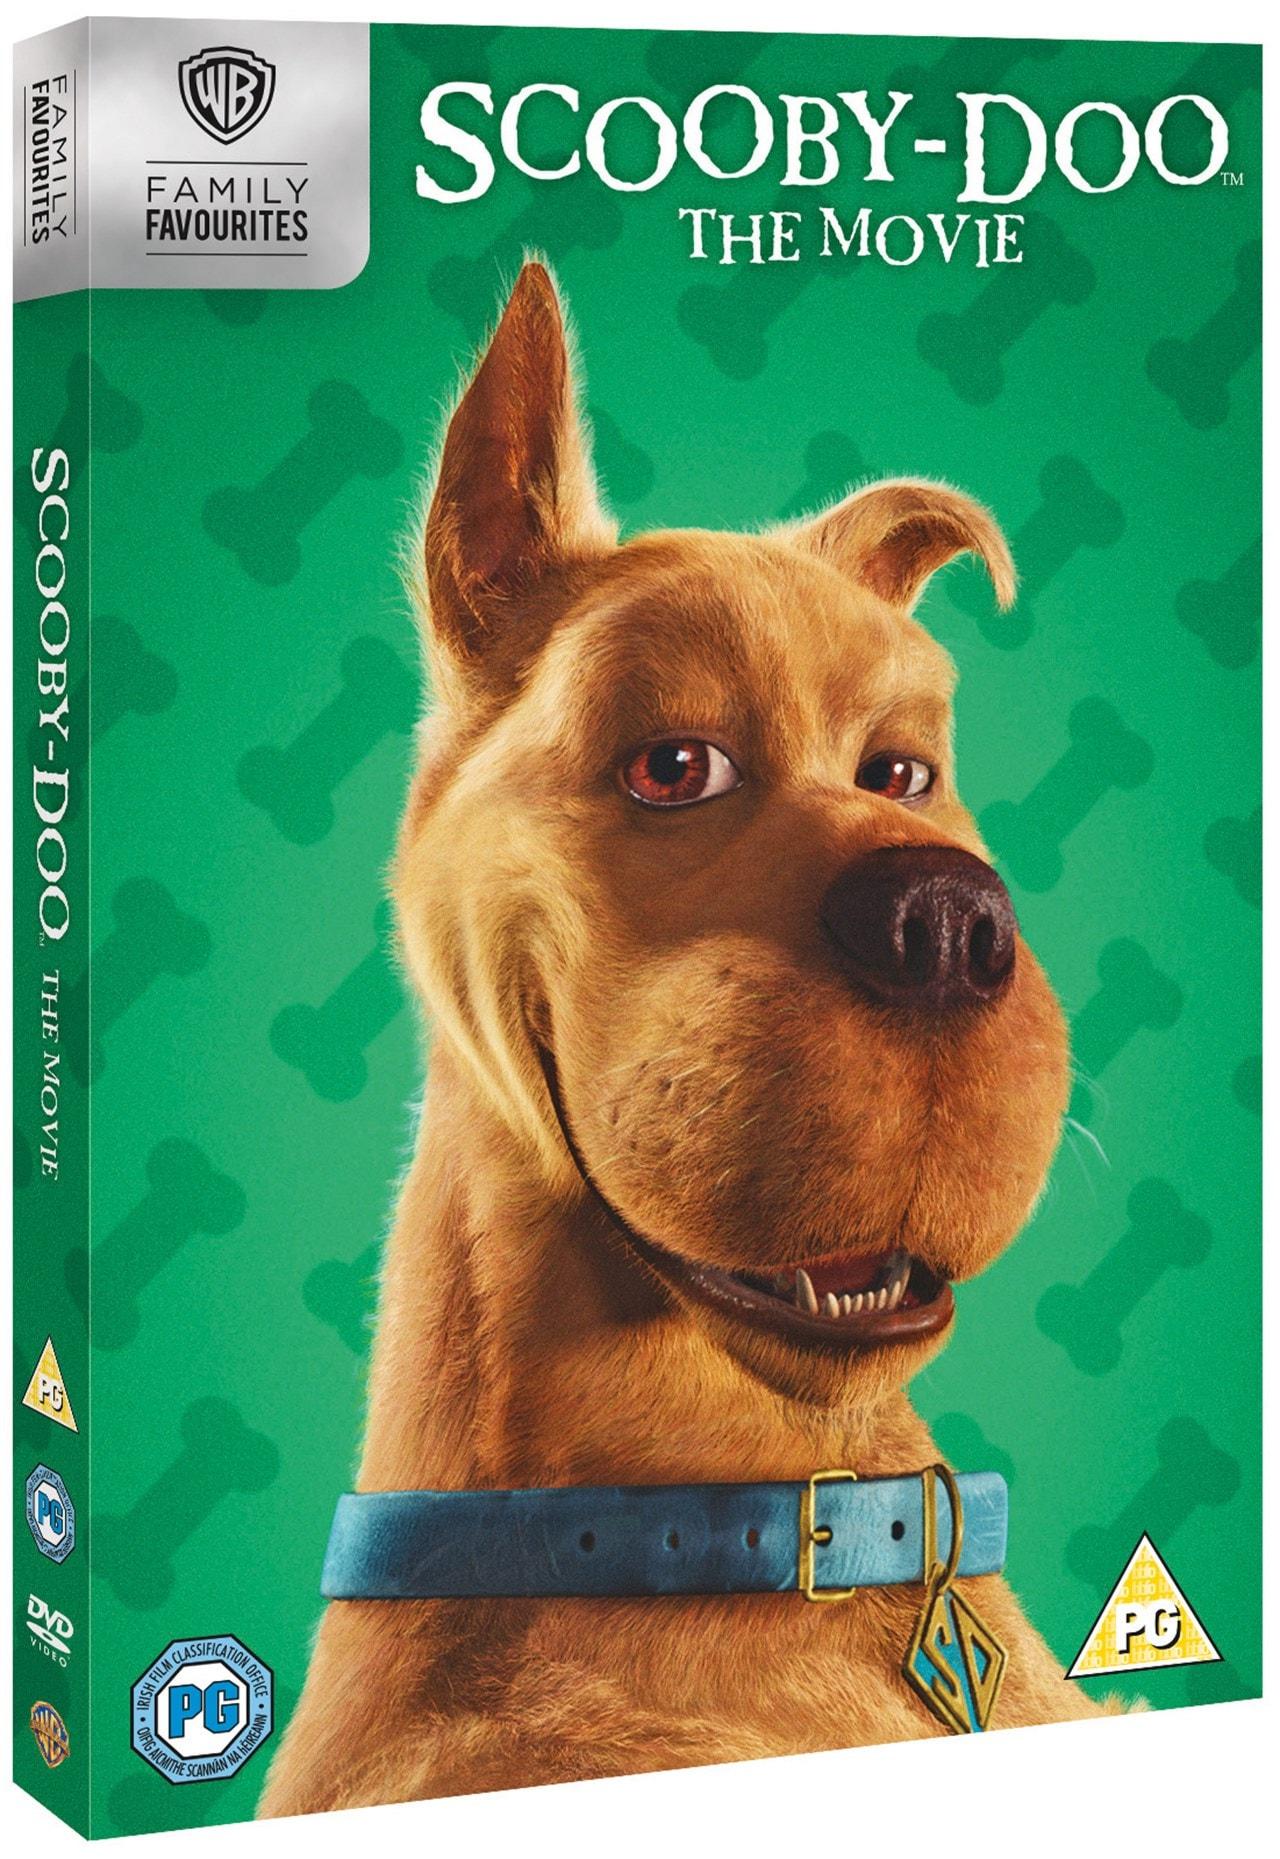 Scooby-Doo - the Movie - 2